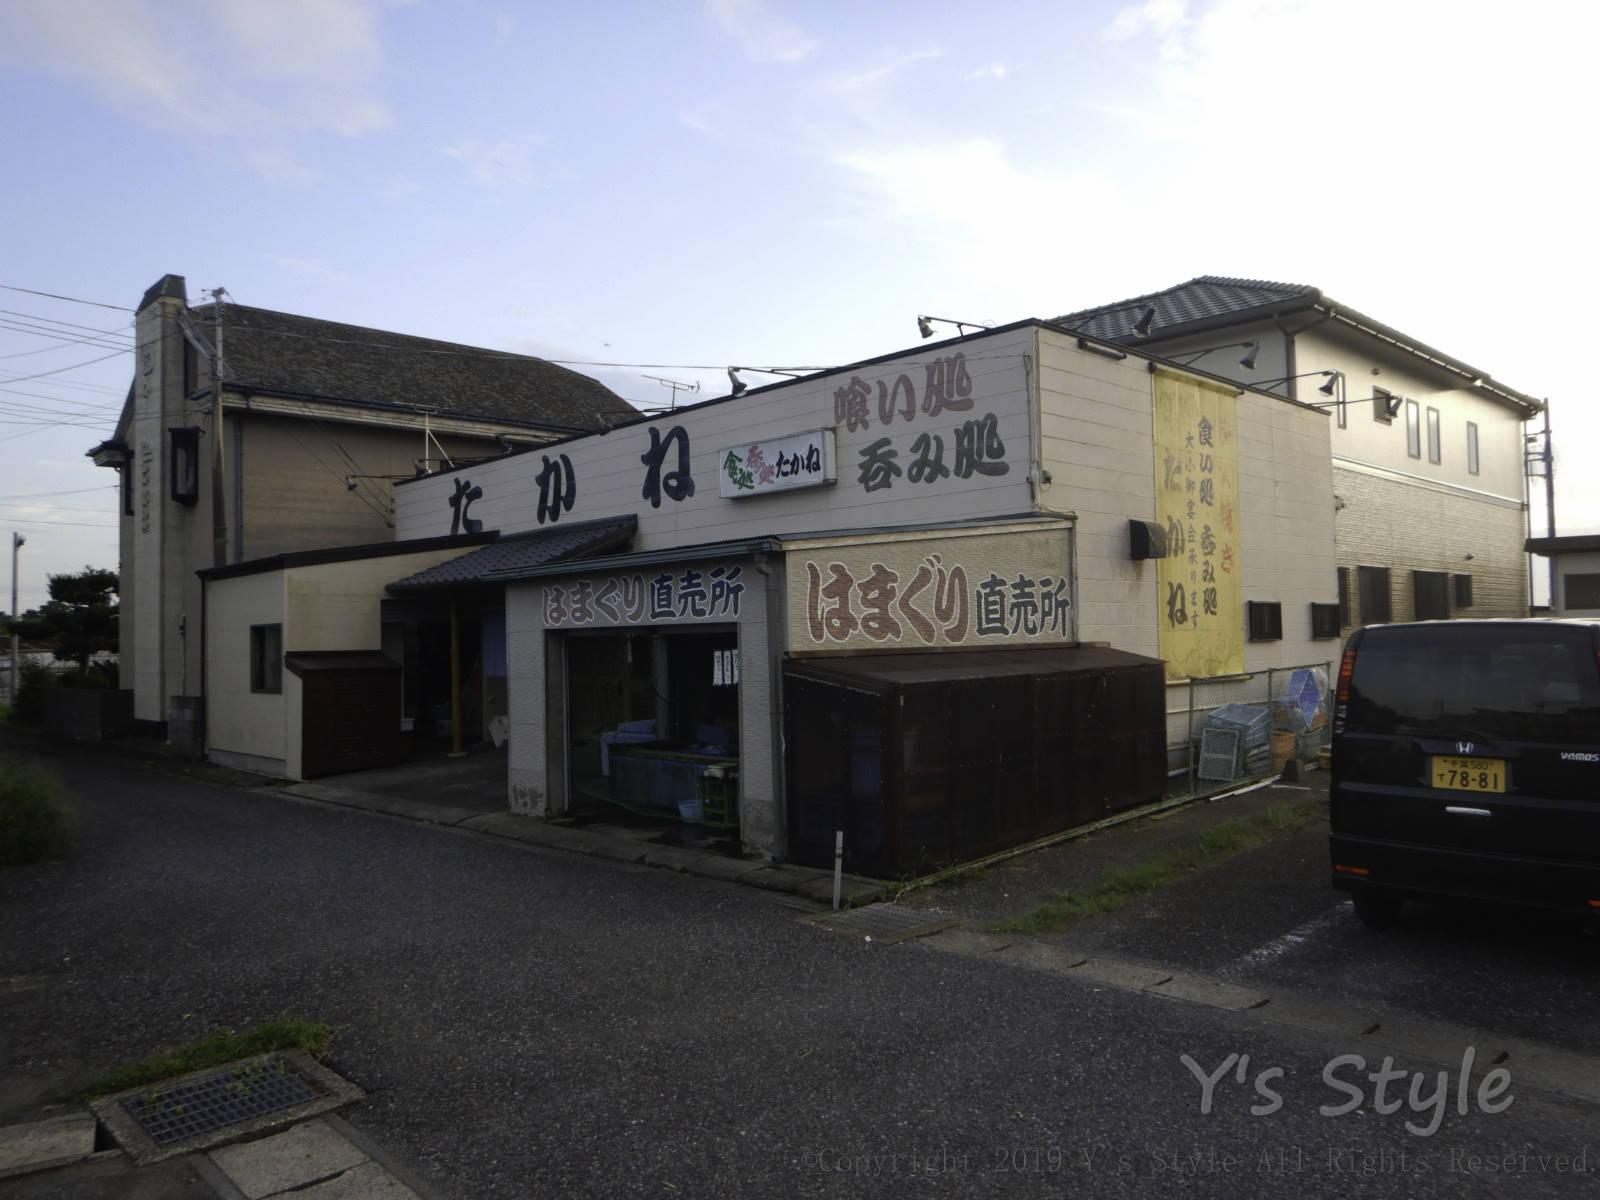 飯岡でちょっと気になるお店 たかね に行ってきました。